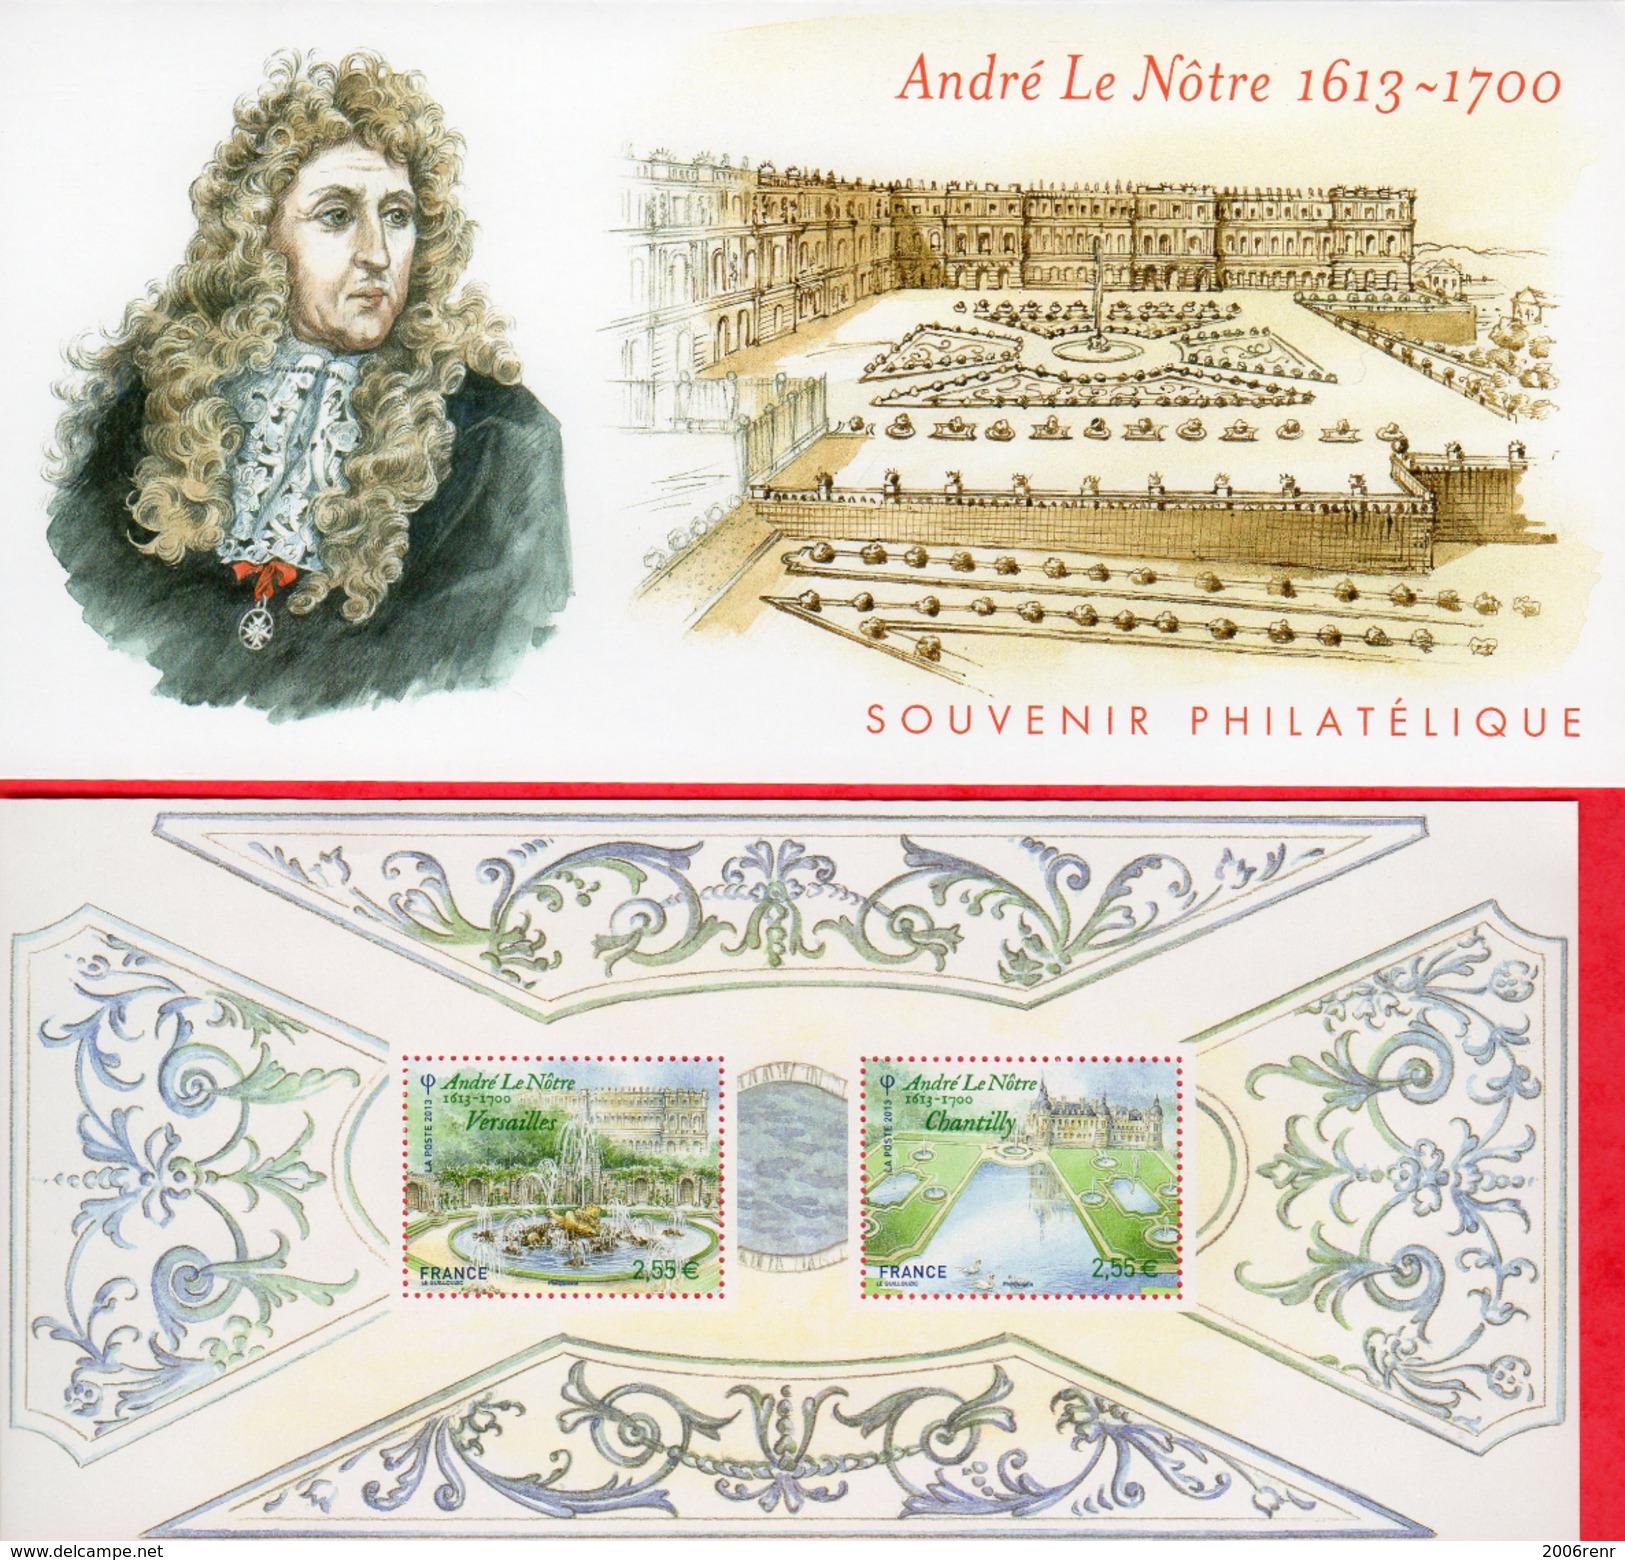 FRANCE  BLOC SOUVENIR N° 80 JARDINS DE FRANCE ANDRE LE NÔTRE NEUF** SOUS BLISTER NON OUVERT. - Bloc De Notas & Hojas